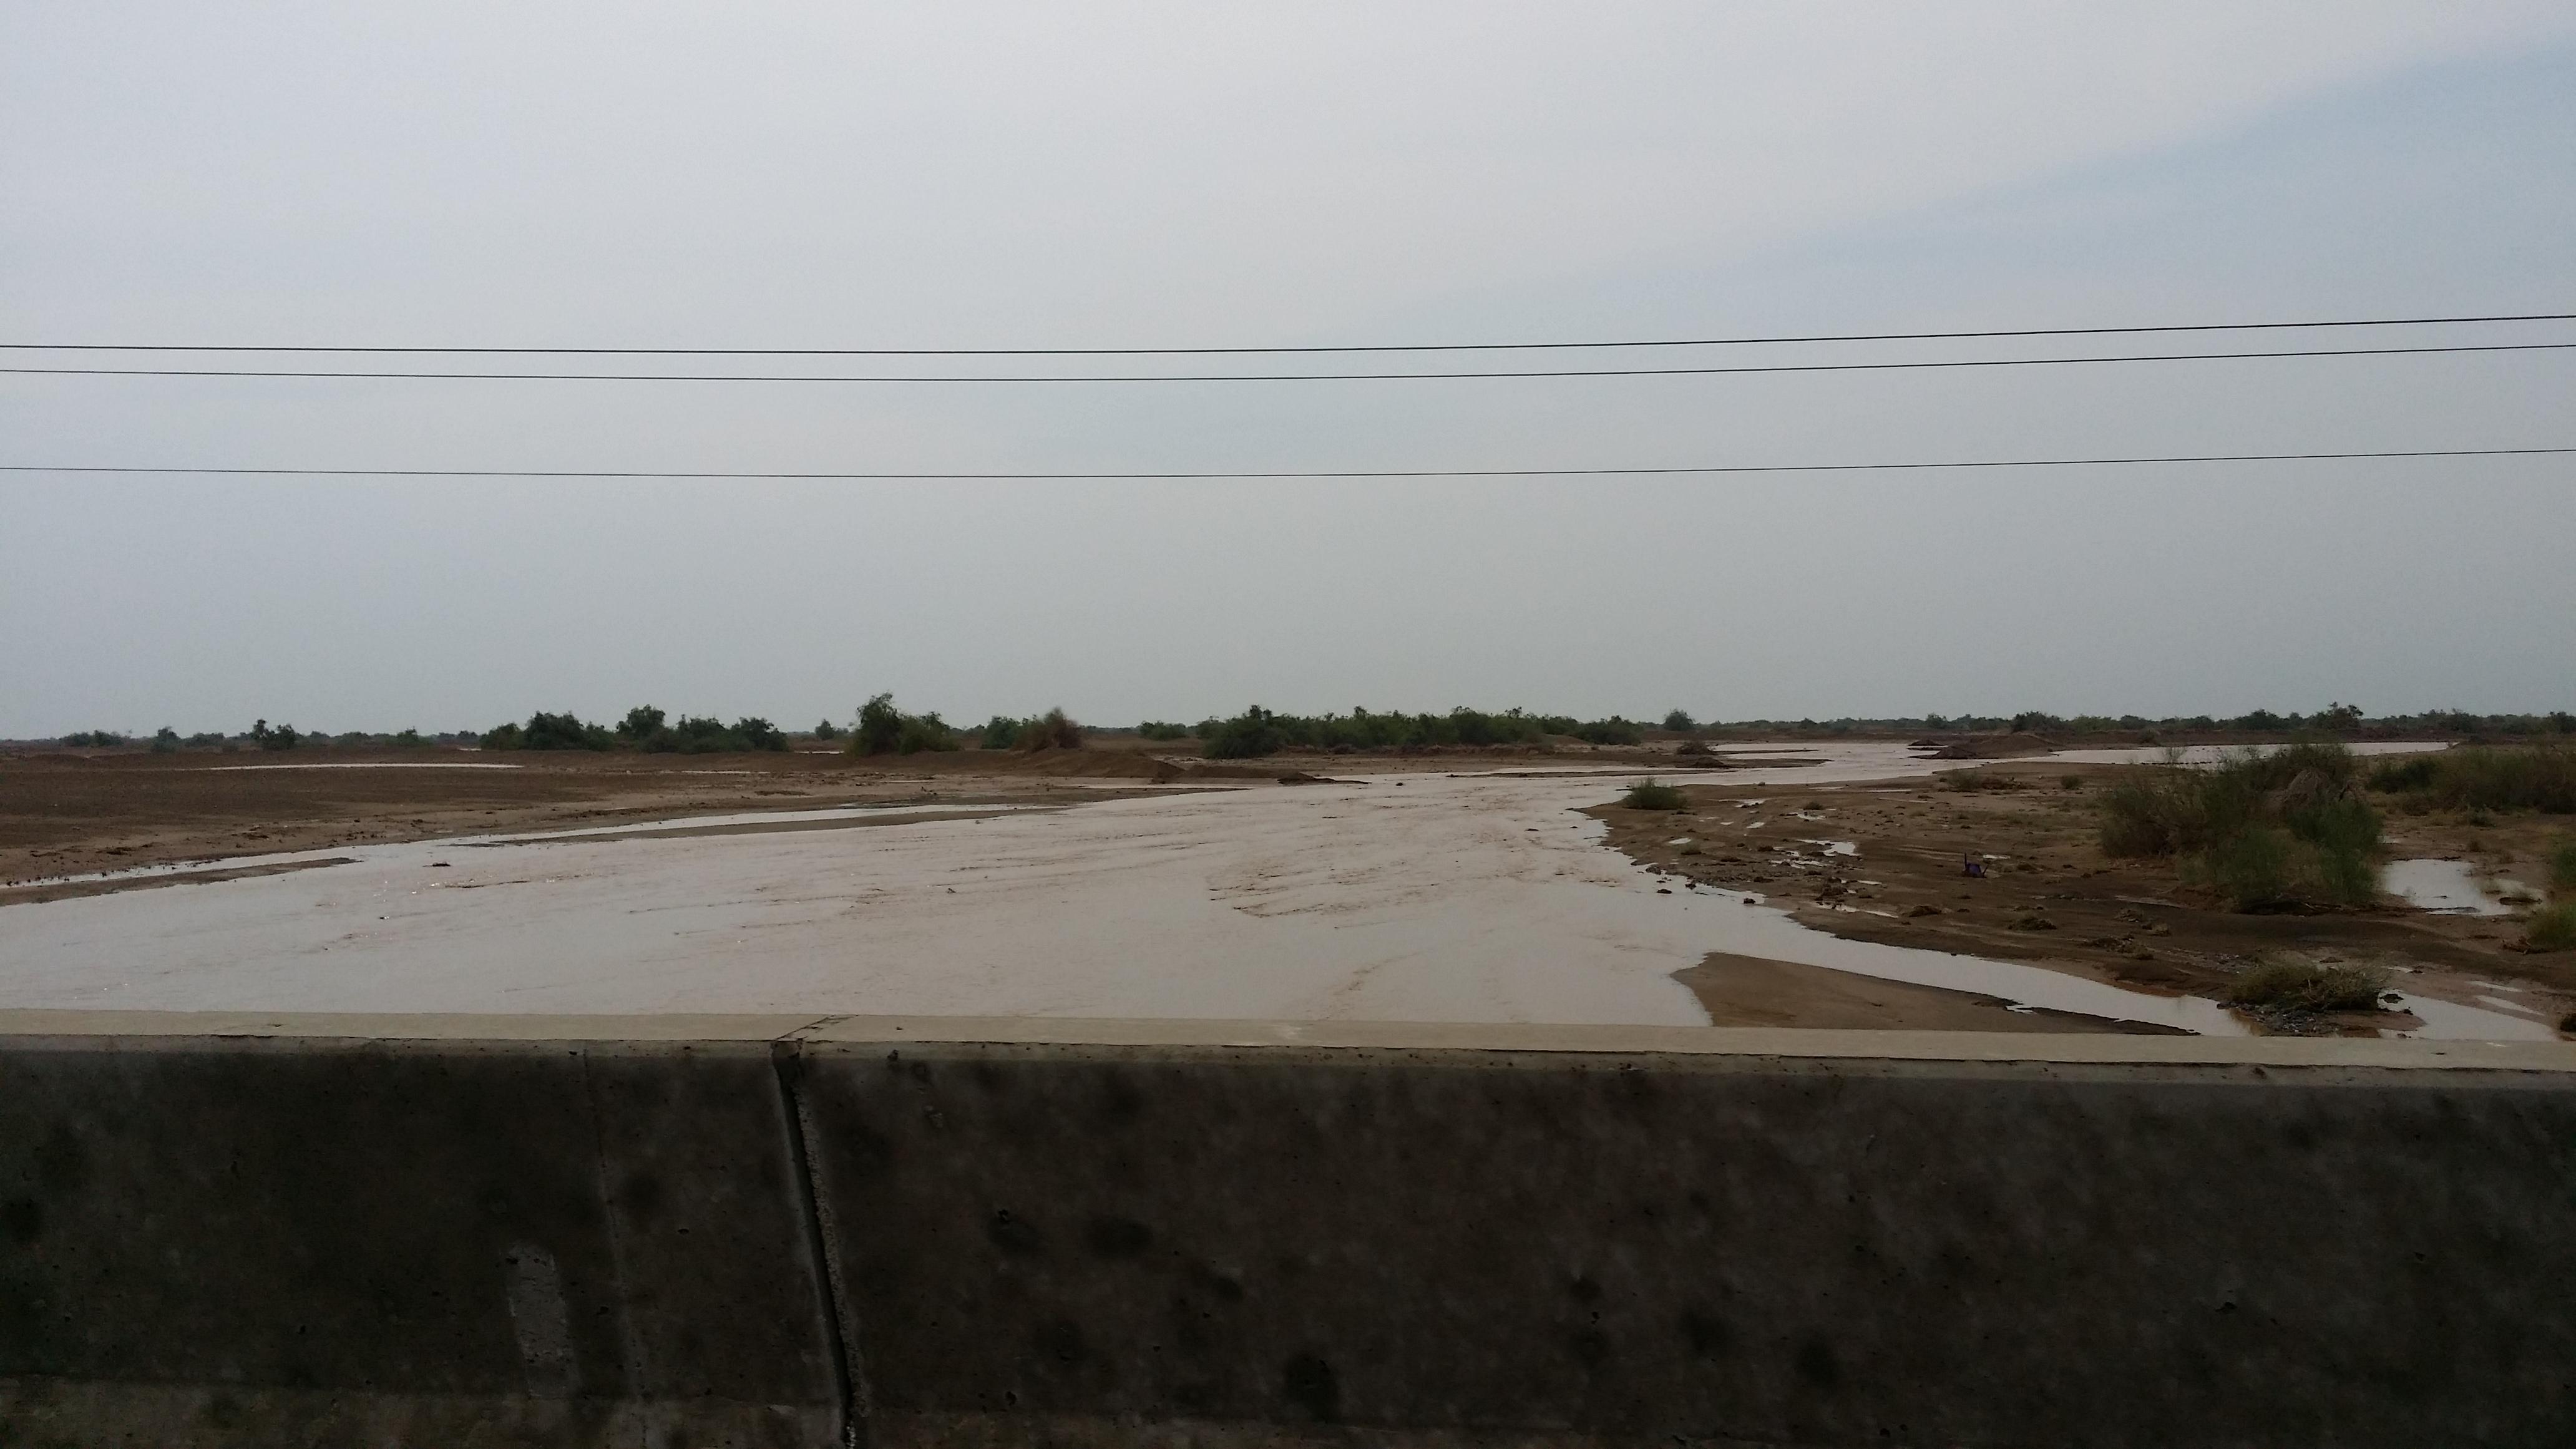 امطار غزيرة تلطف أجواء ساحل عسير (5)